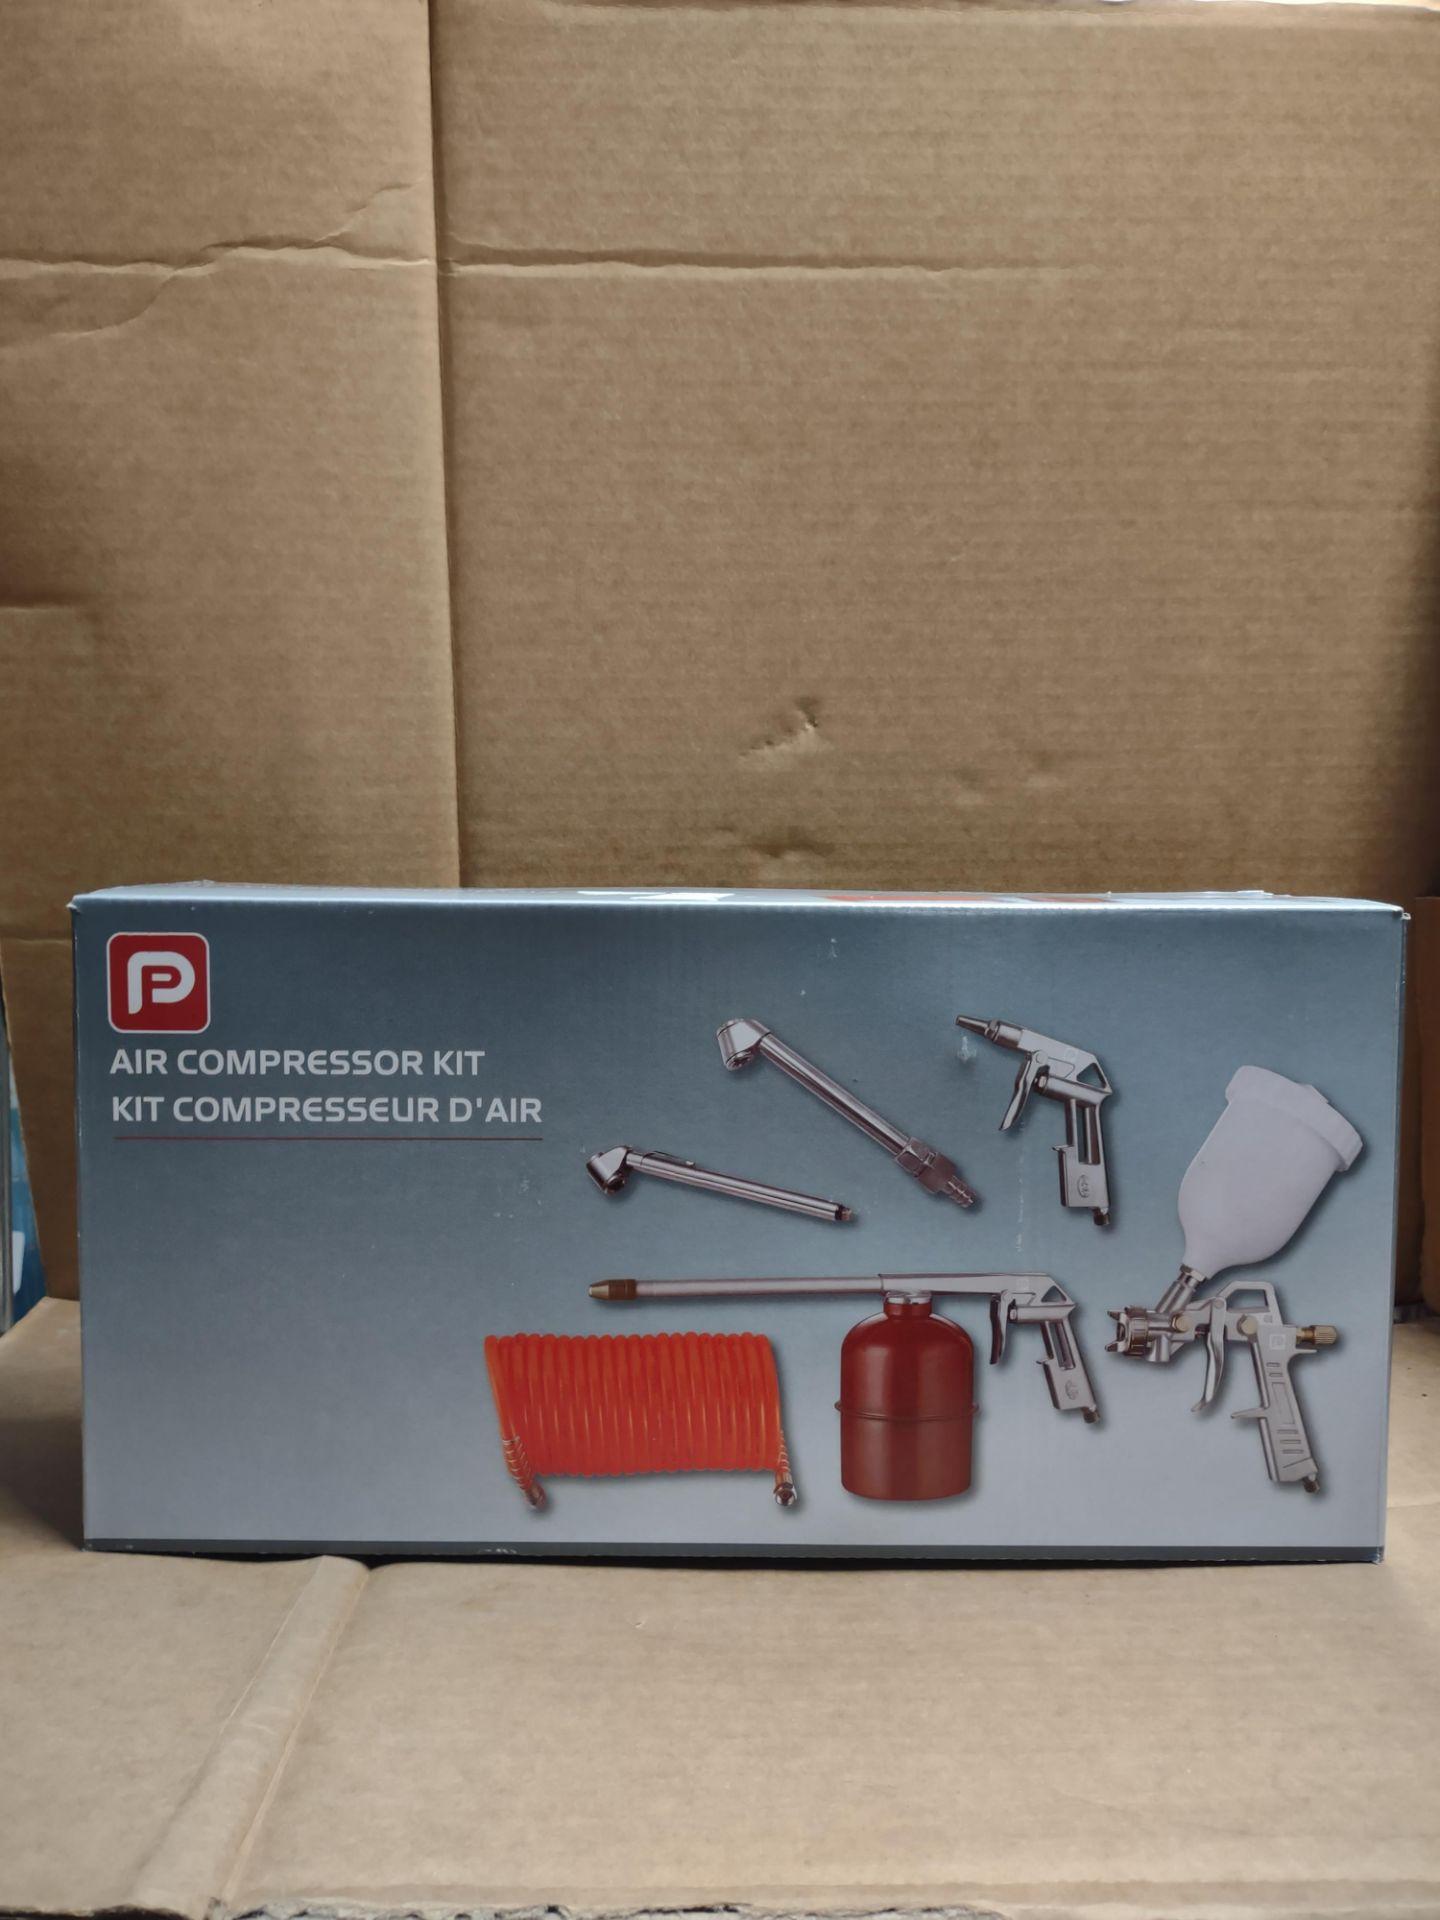 P Air compressor Kit RRP £30 Grade A